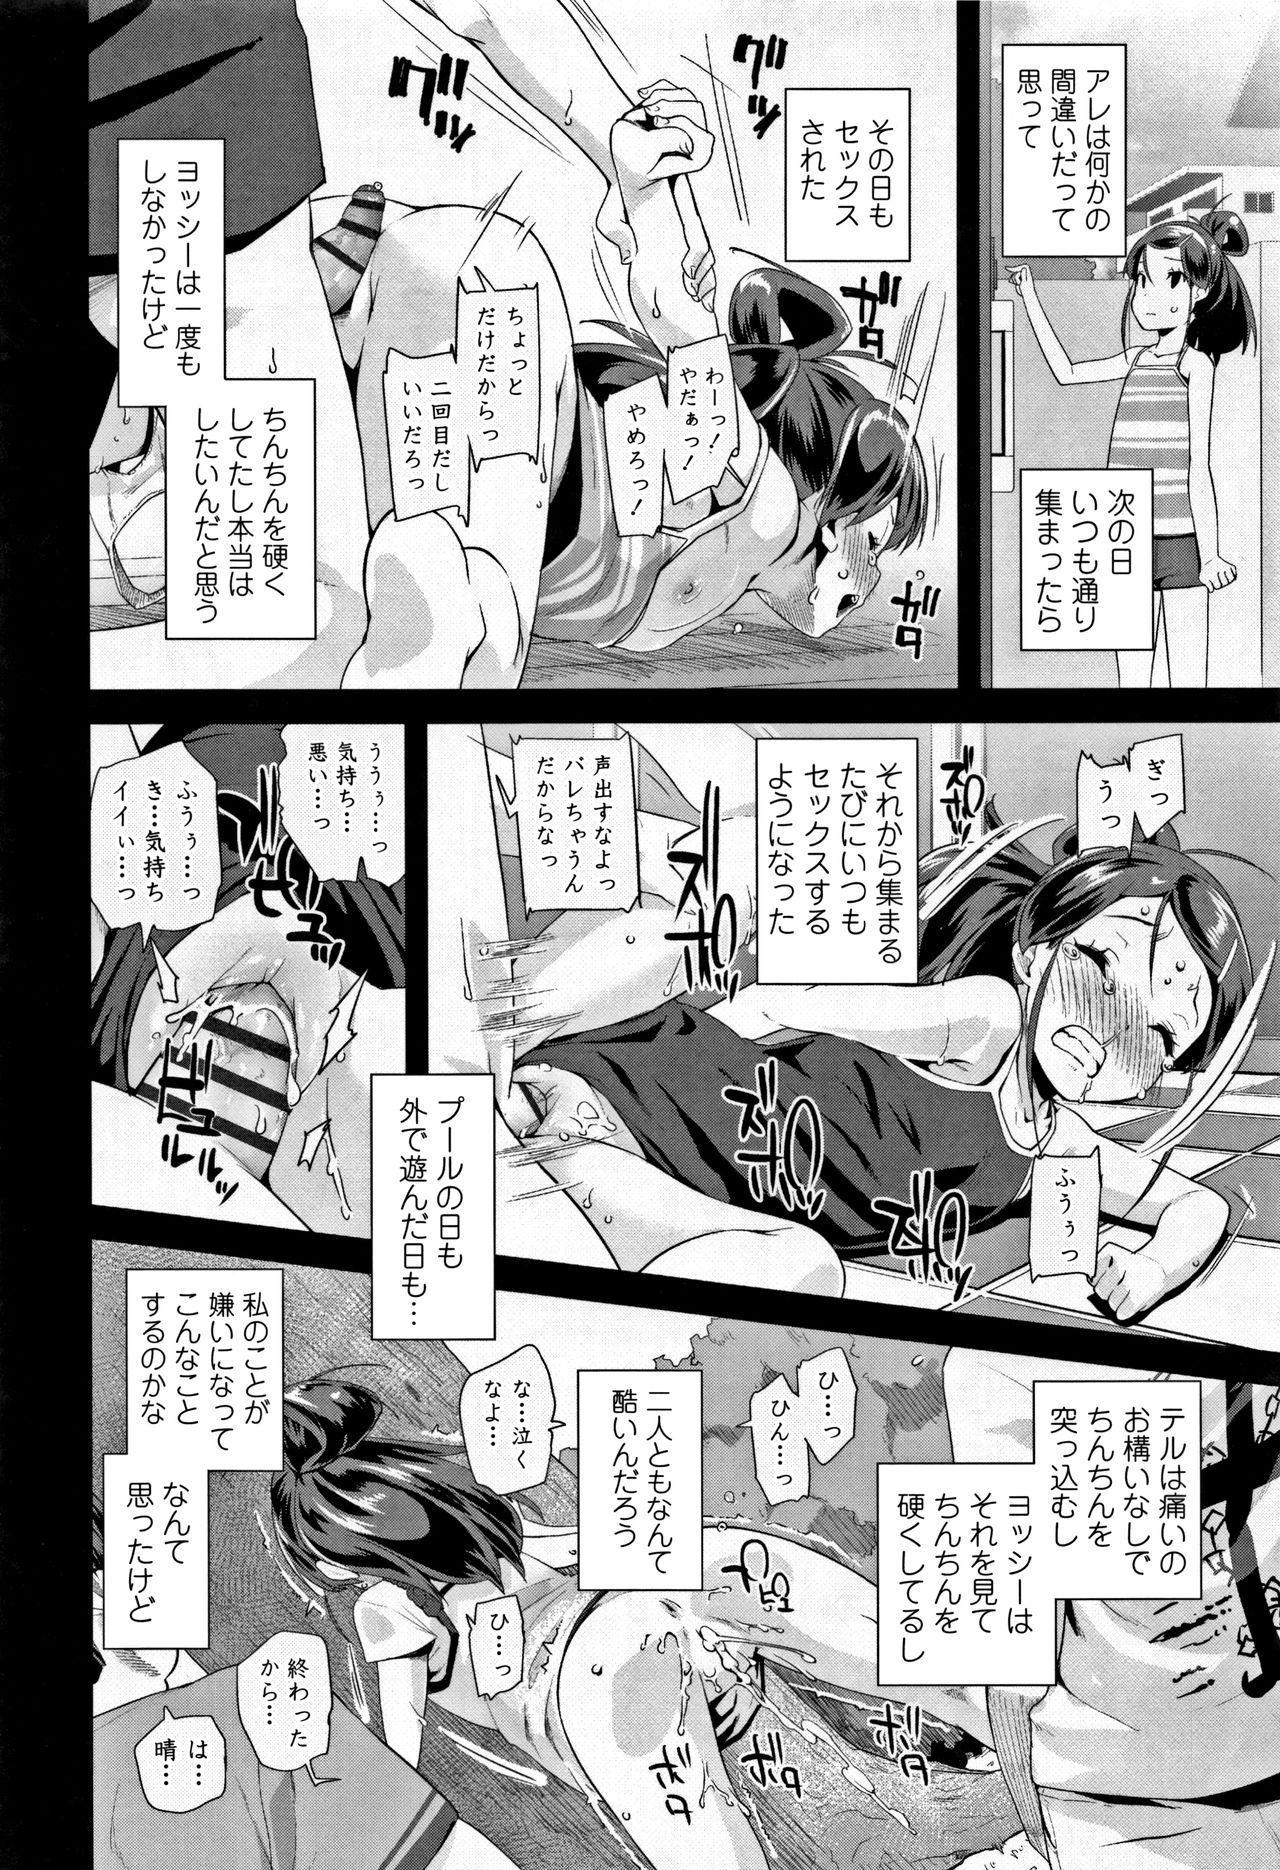 Kirakira Otona Lesson 54